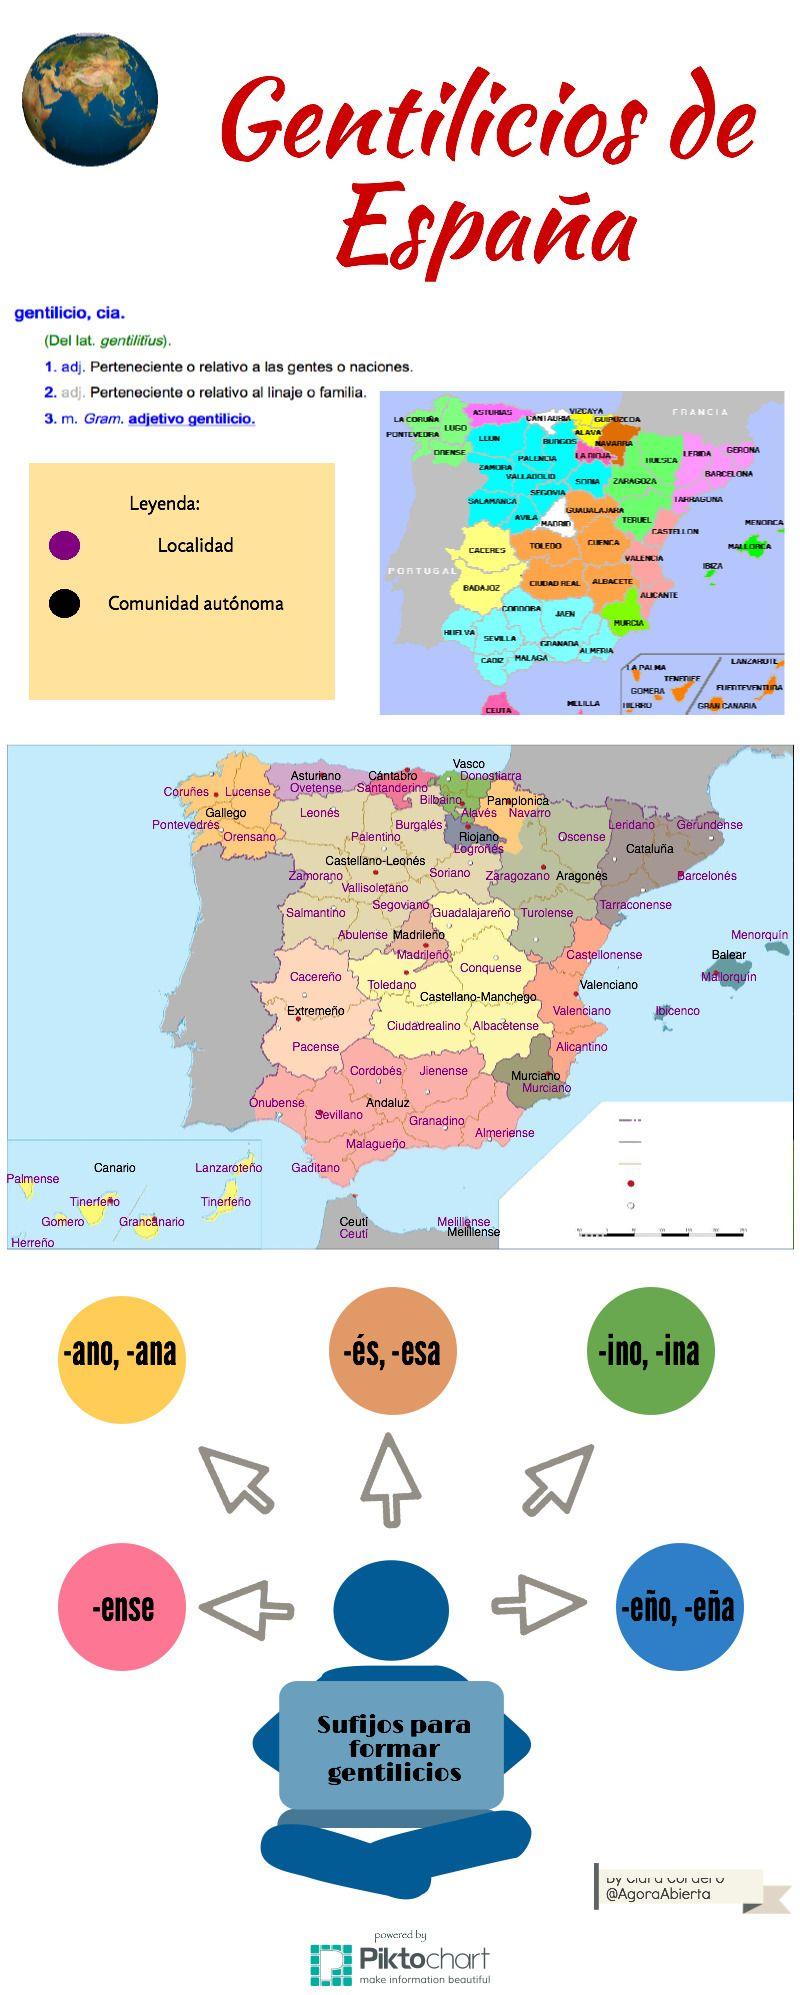 Gentilicios De España Piktochart Visual Editor Gentilicios España Aprender Español